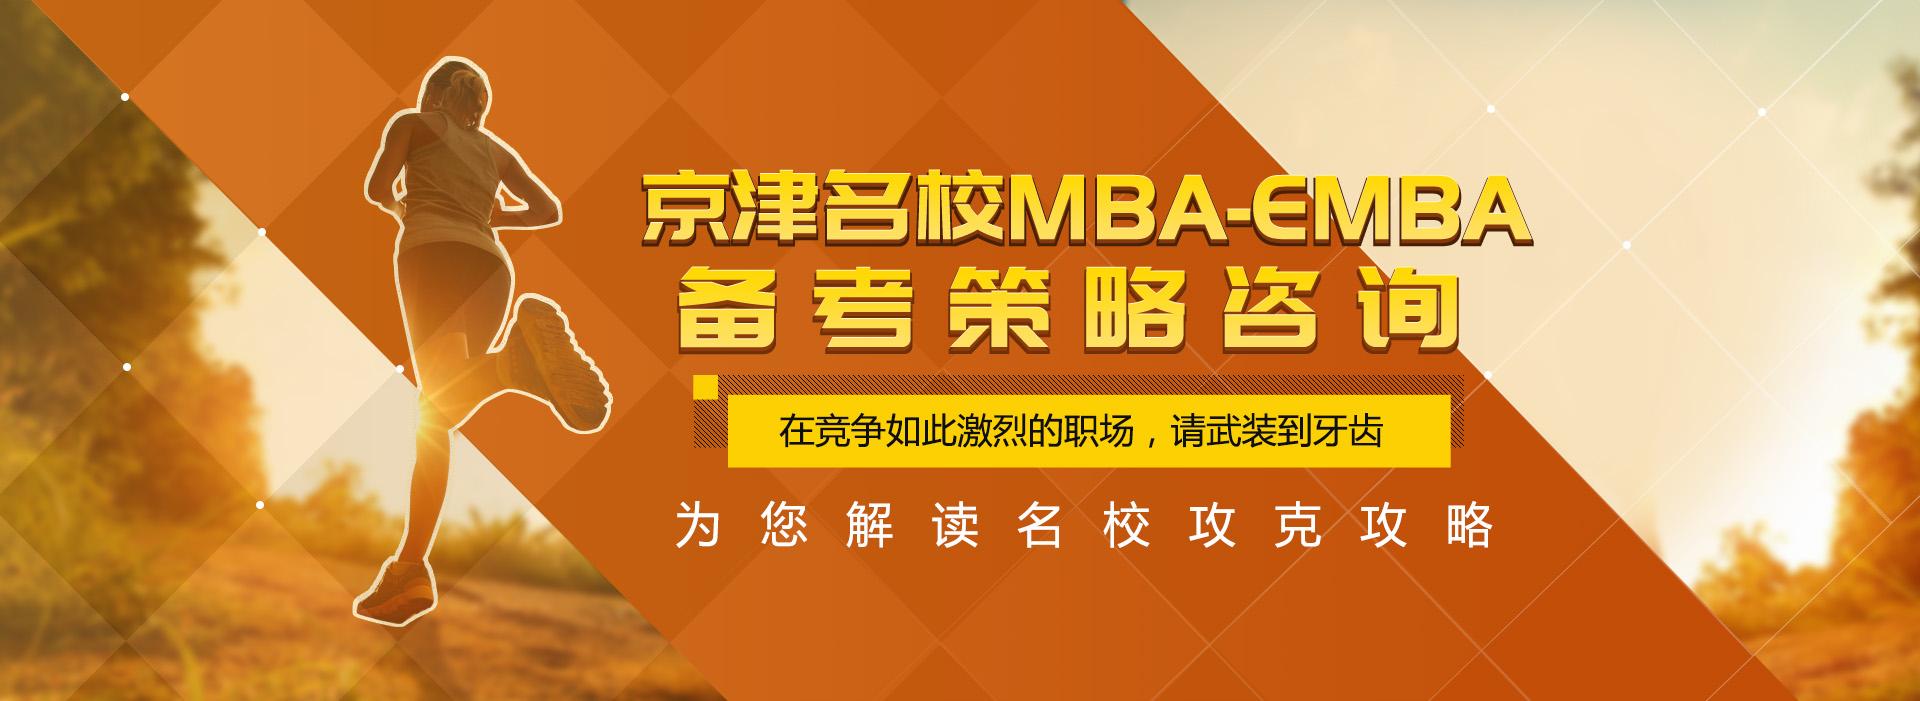 天津泰祺MBA-提前面试